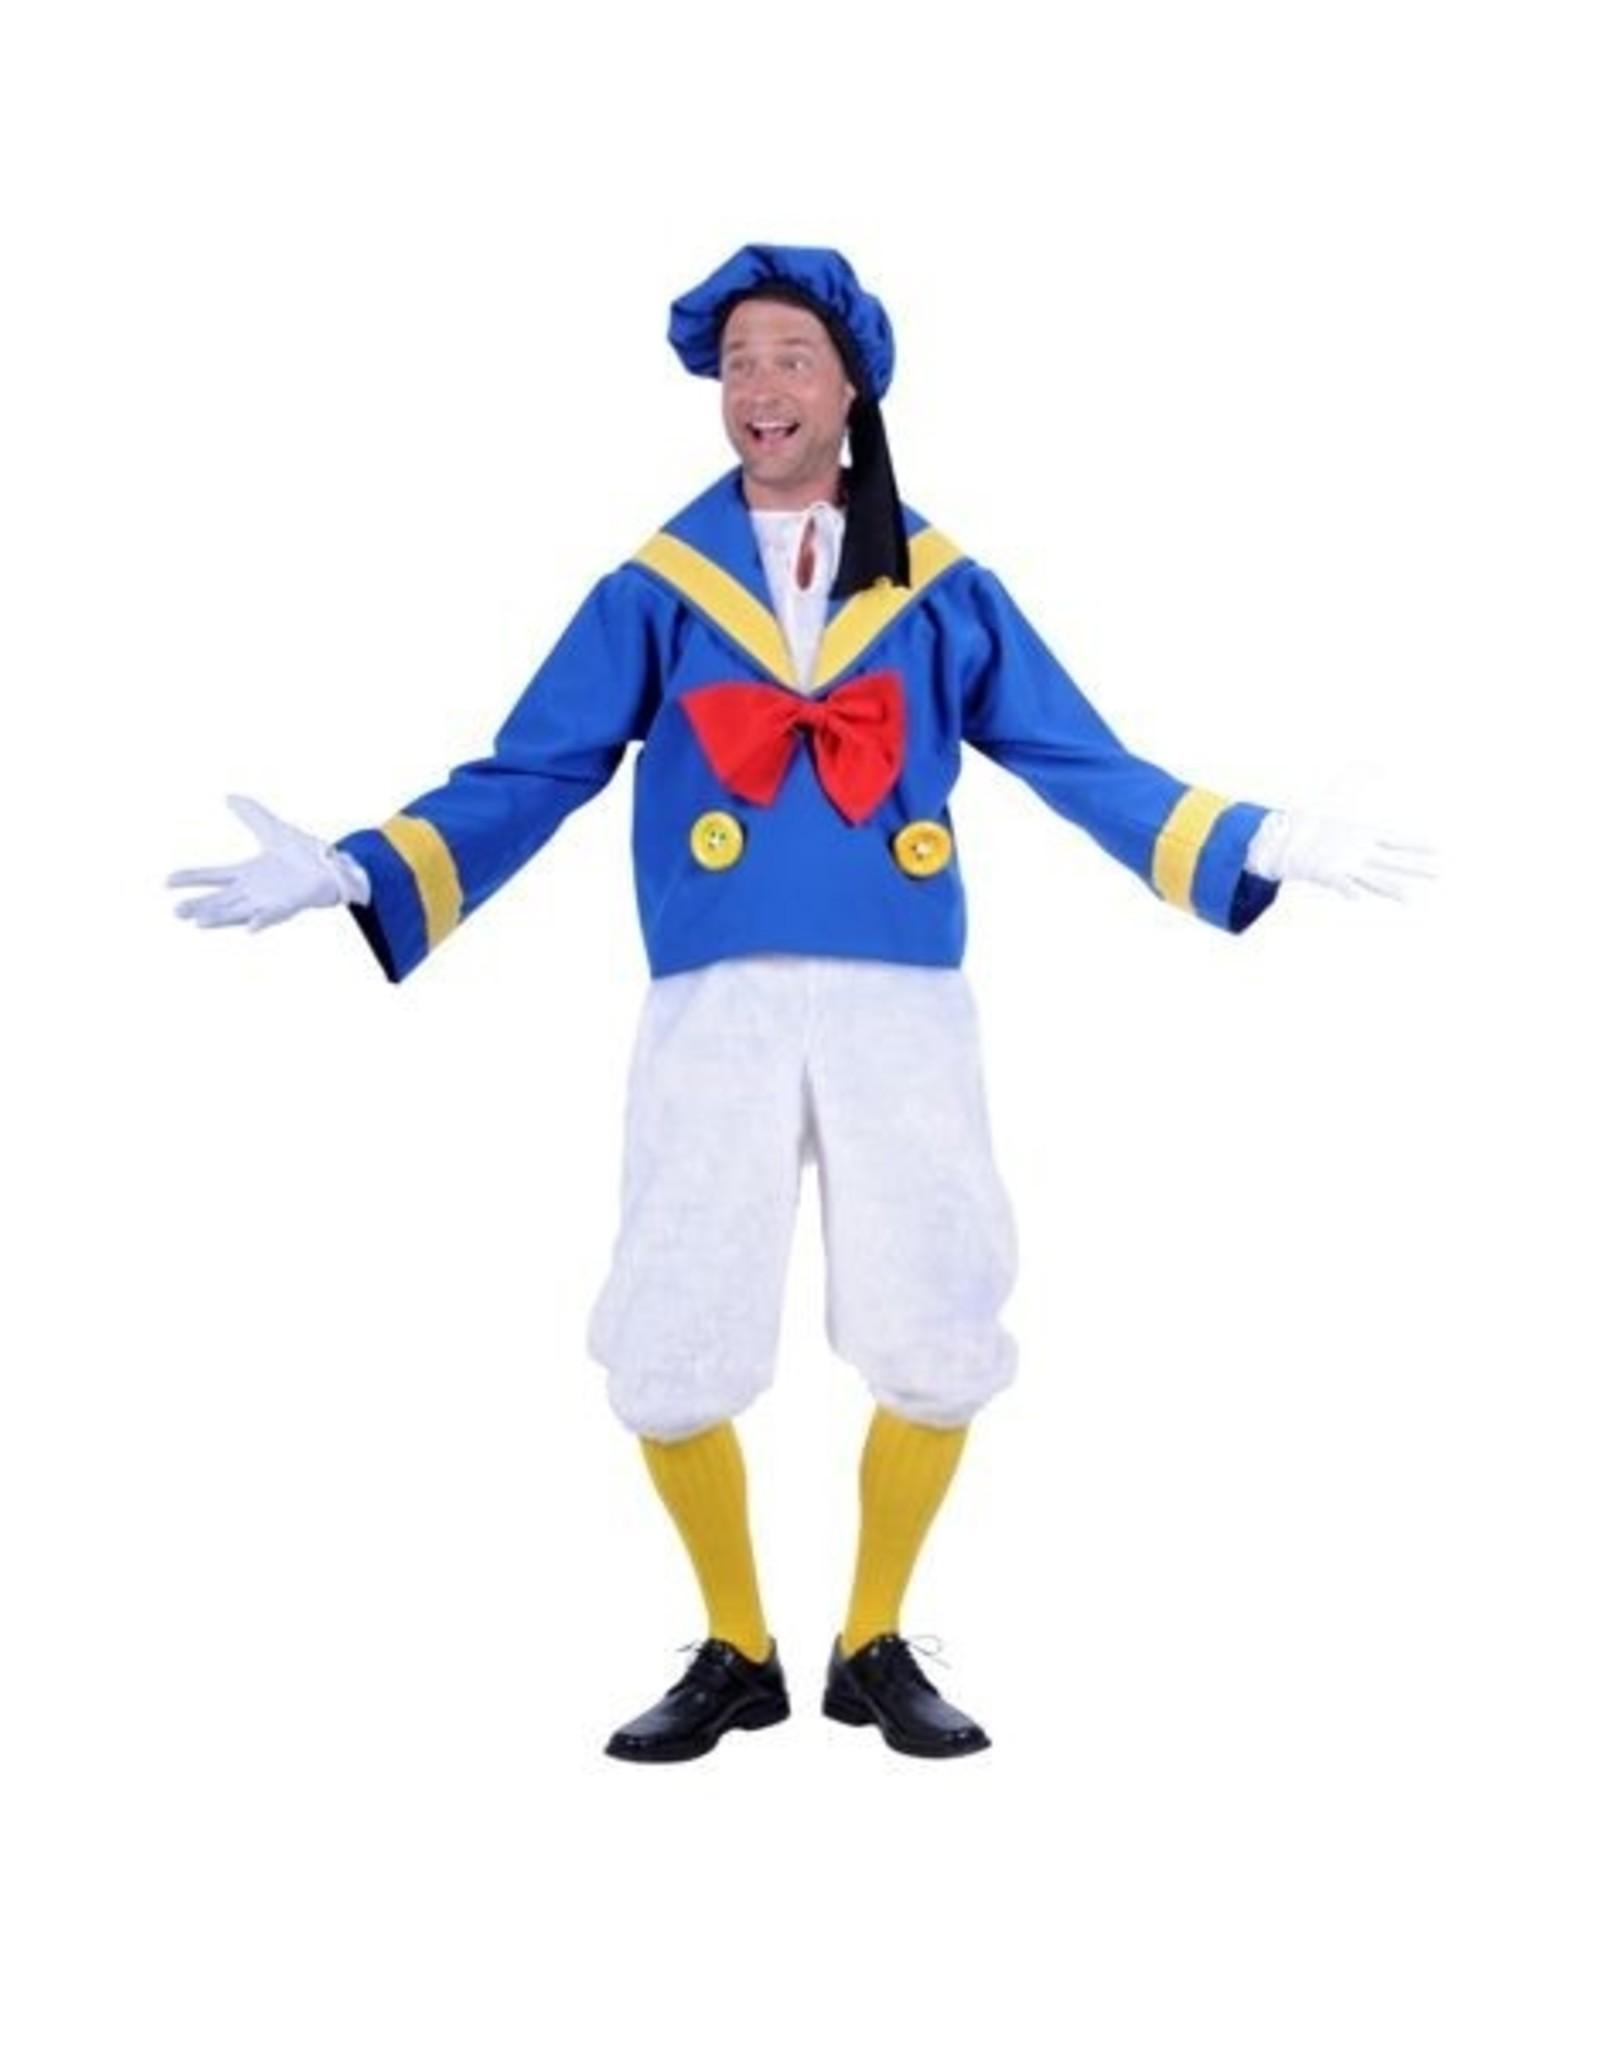 Thetru Kostuum eend, Blauw, Jas-Broek-Muts